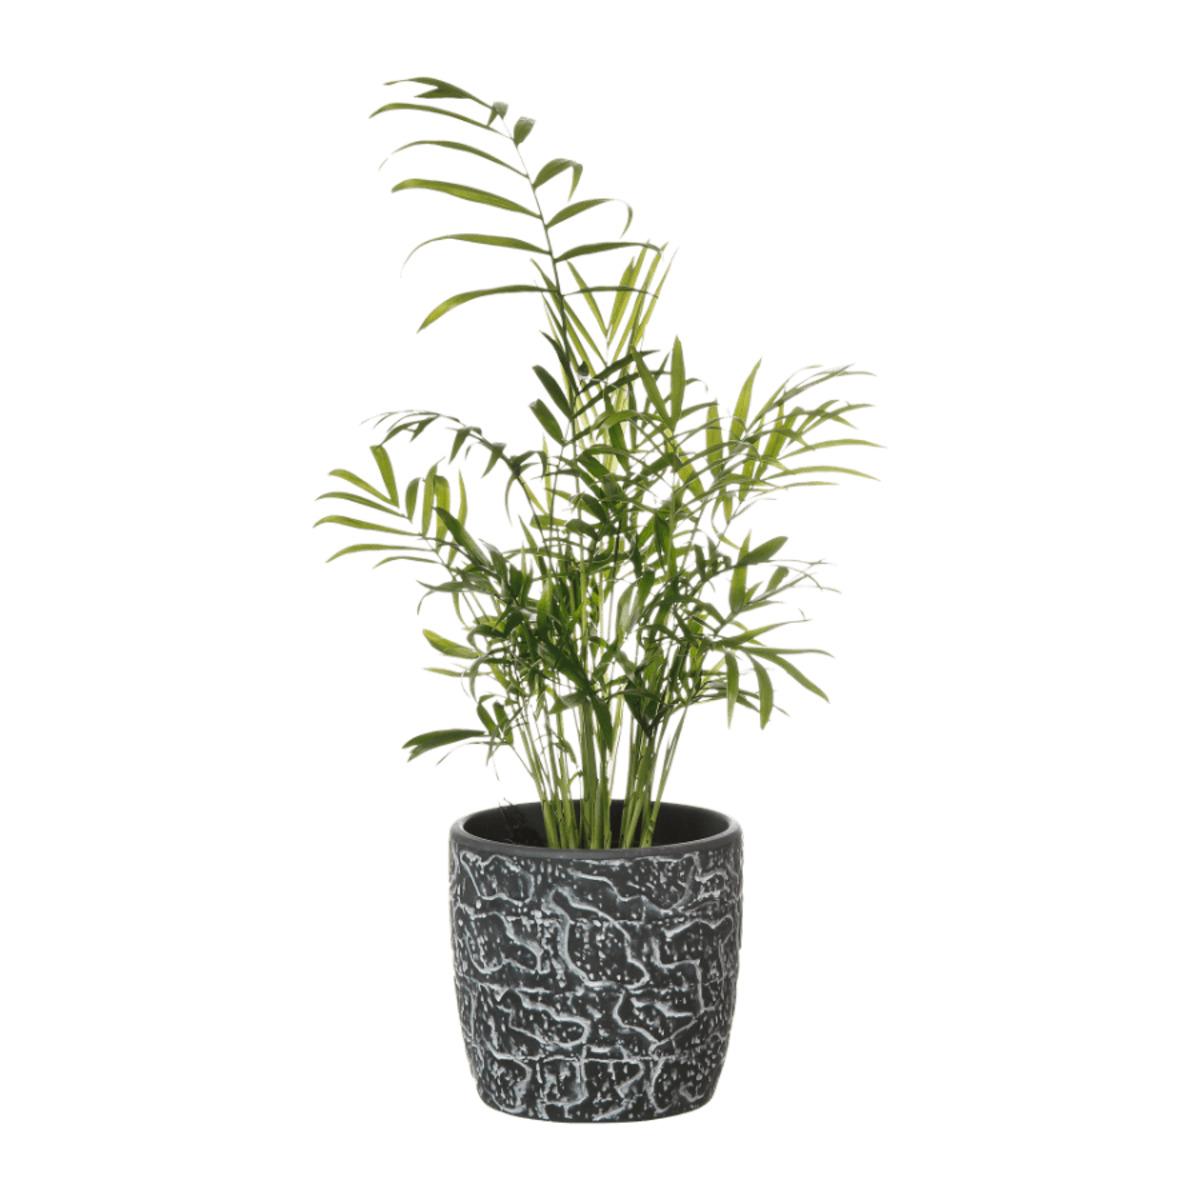 Bild 3 von GARDENLINE     Pflanze in Trendkeramik